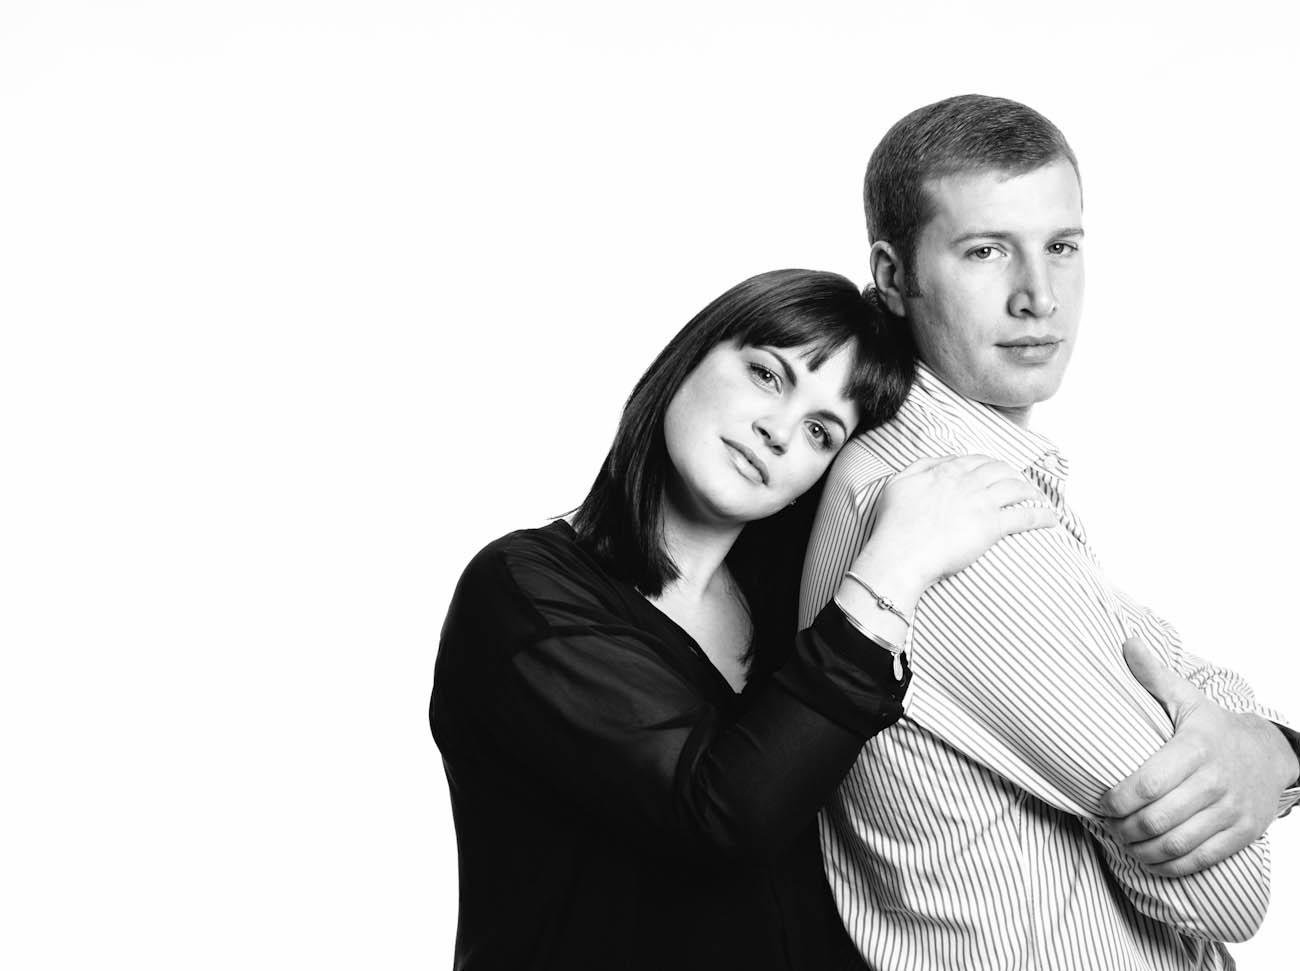 Populaire Couples Studio Sessions - PJP Portrait Photography KU33